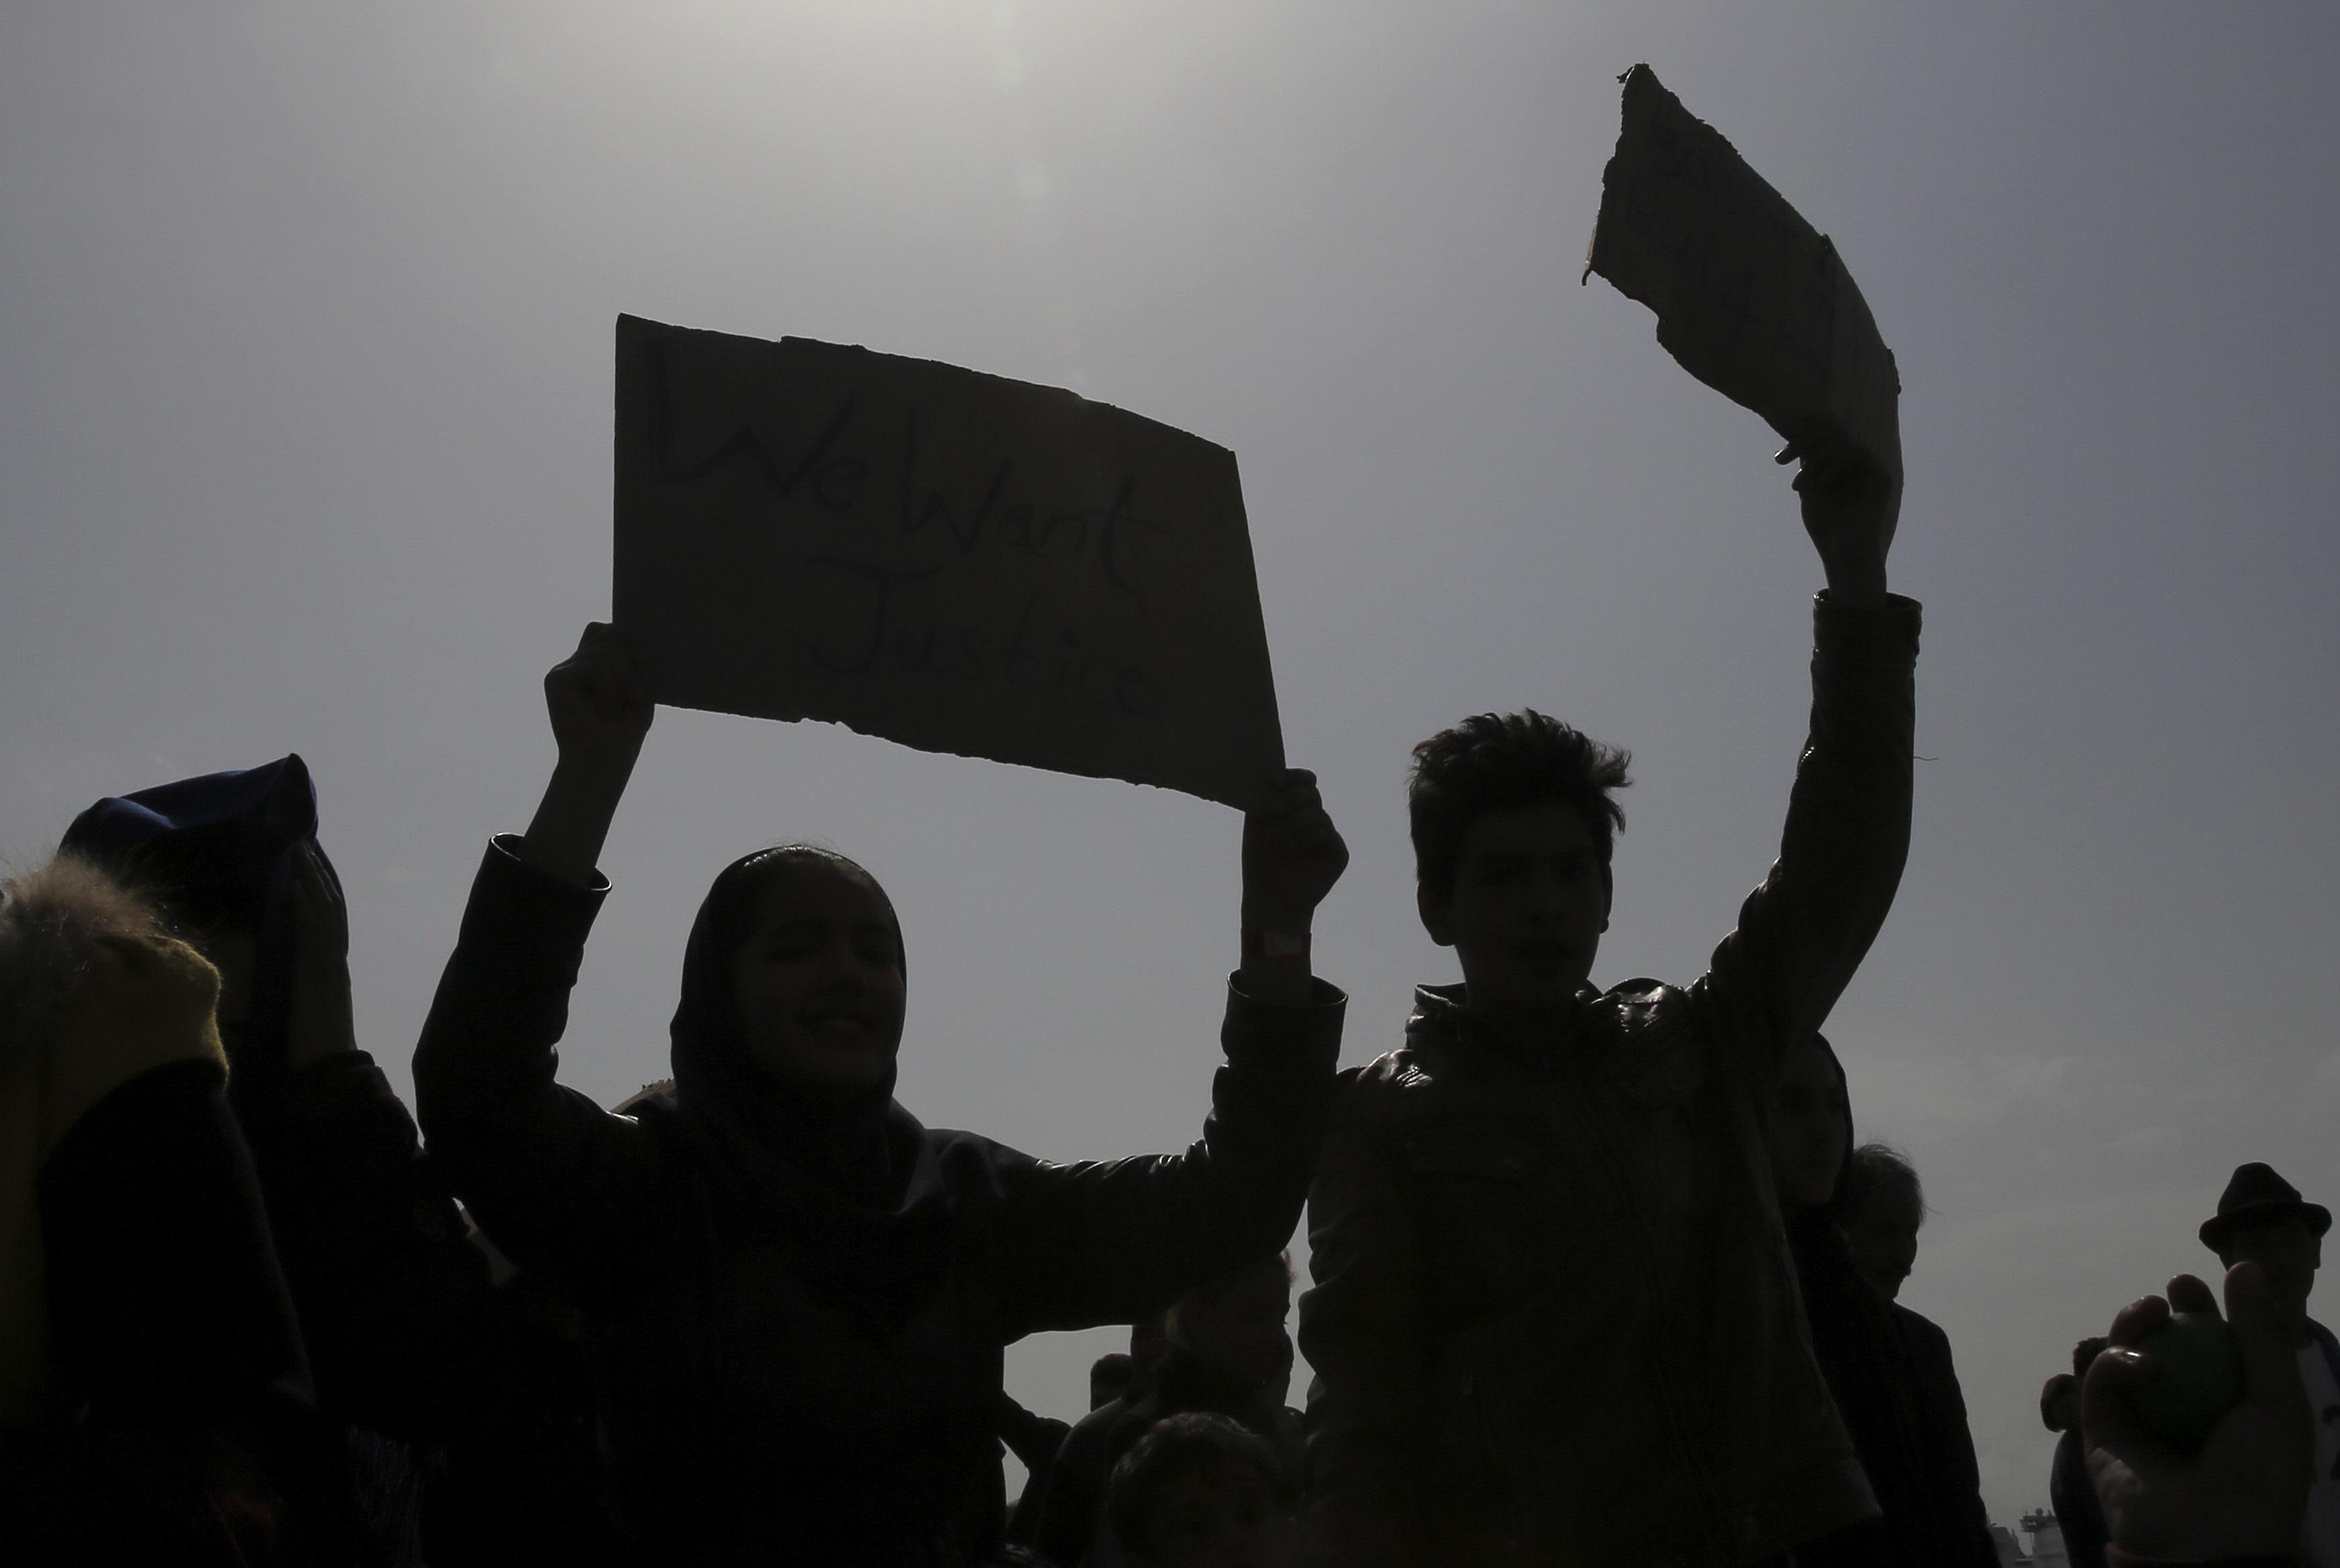 Γερμανία: Διαστάσεις παίρνει η υπόθεση Αφγανού πρόσφυγα που κρατείται στην Ελλάδα